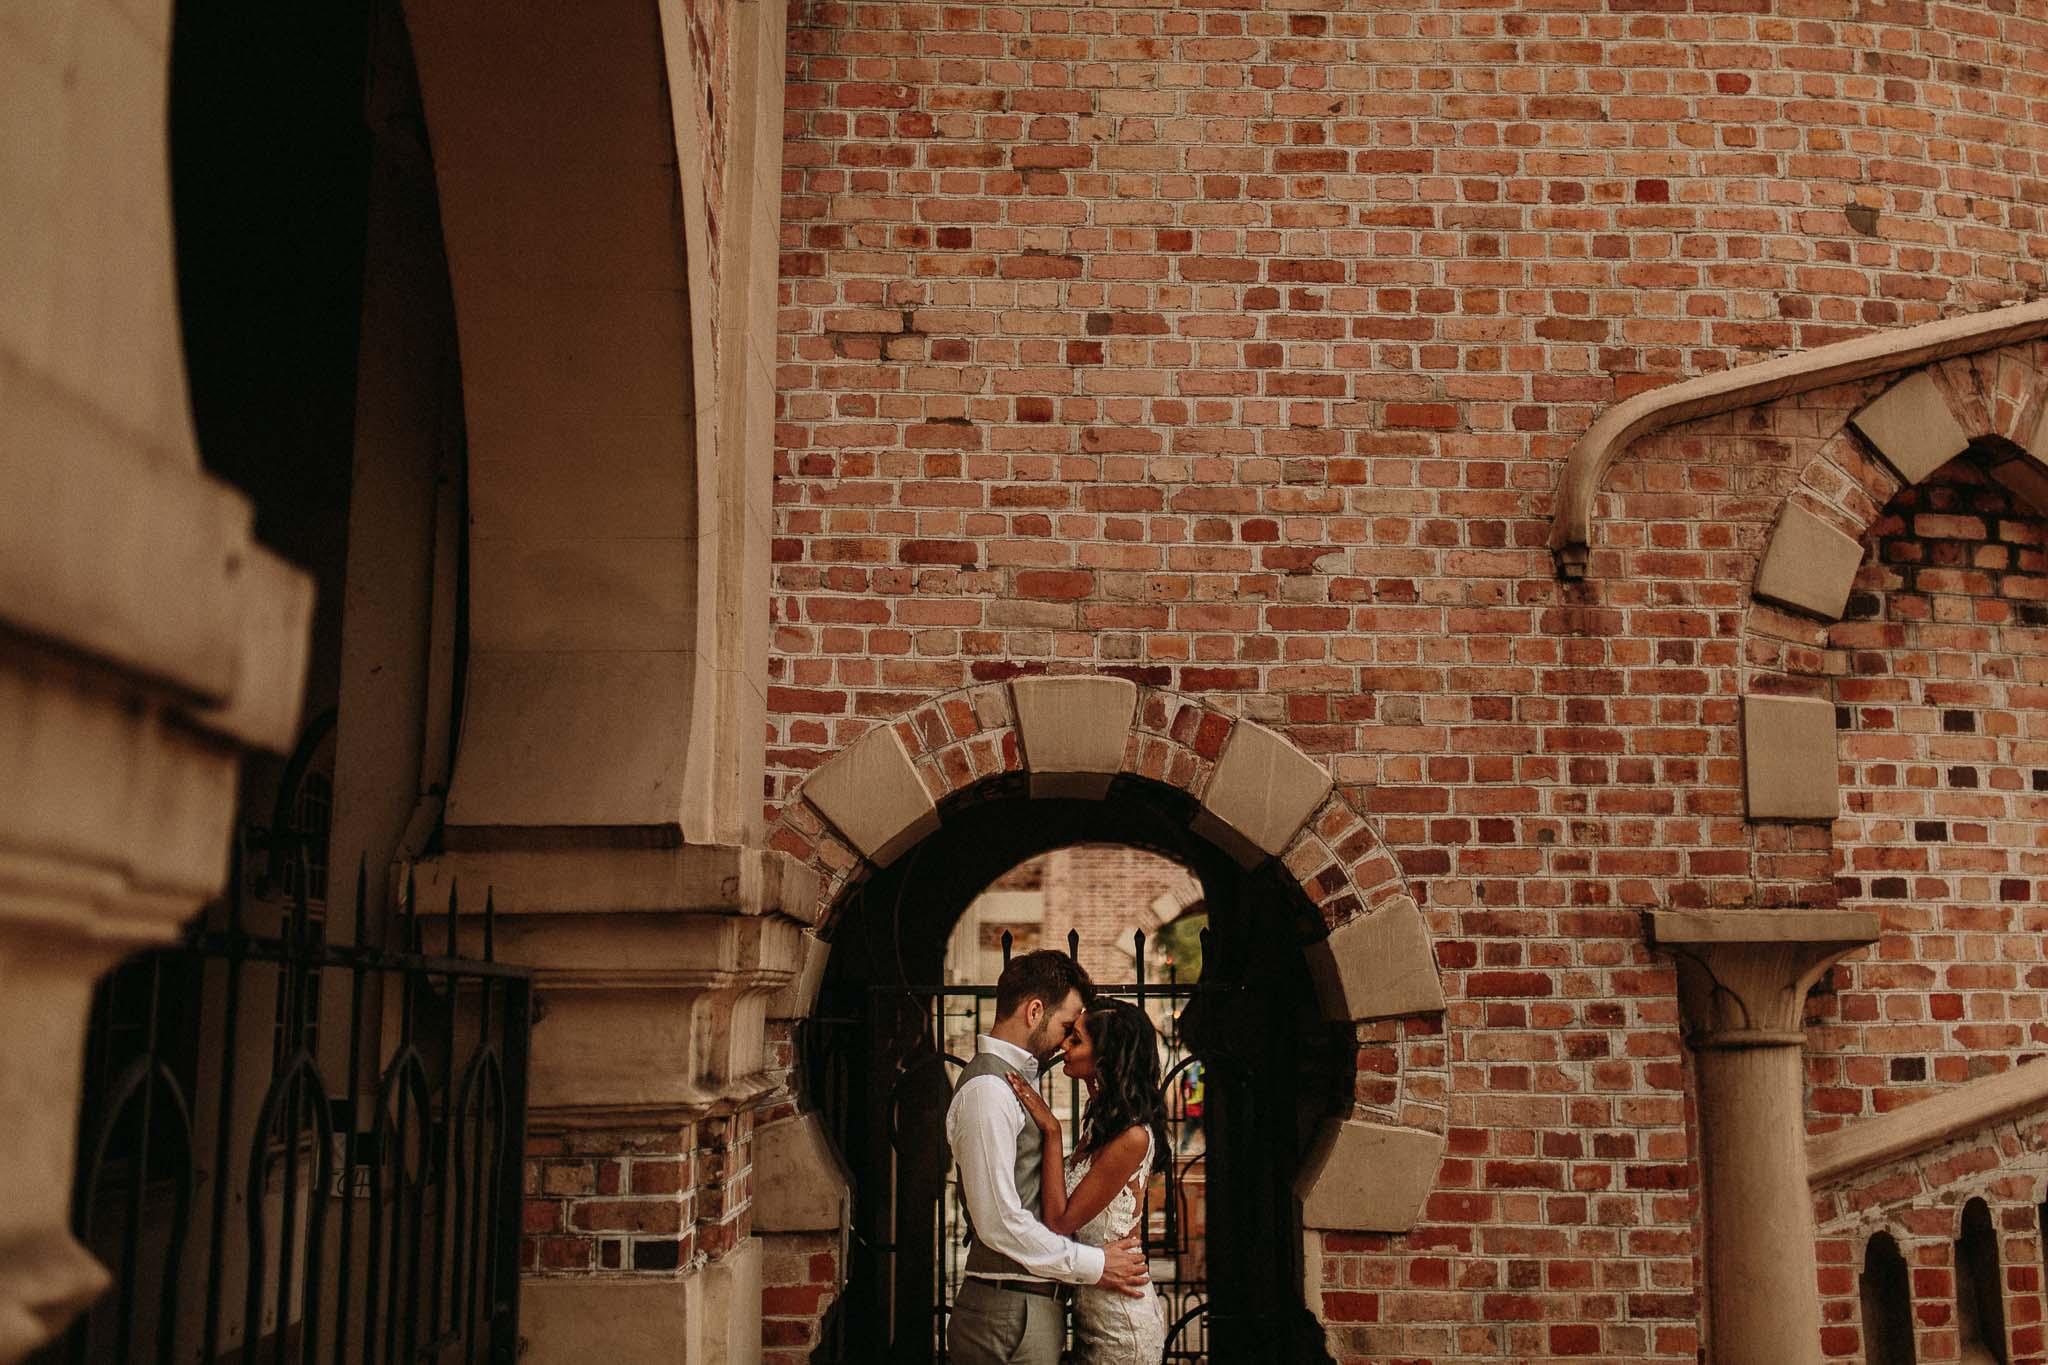 u&m-weddingsbyqay-lovesession-destinationweddingphotographer (153 of 160).jpg